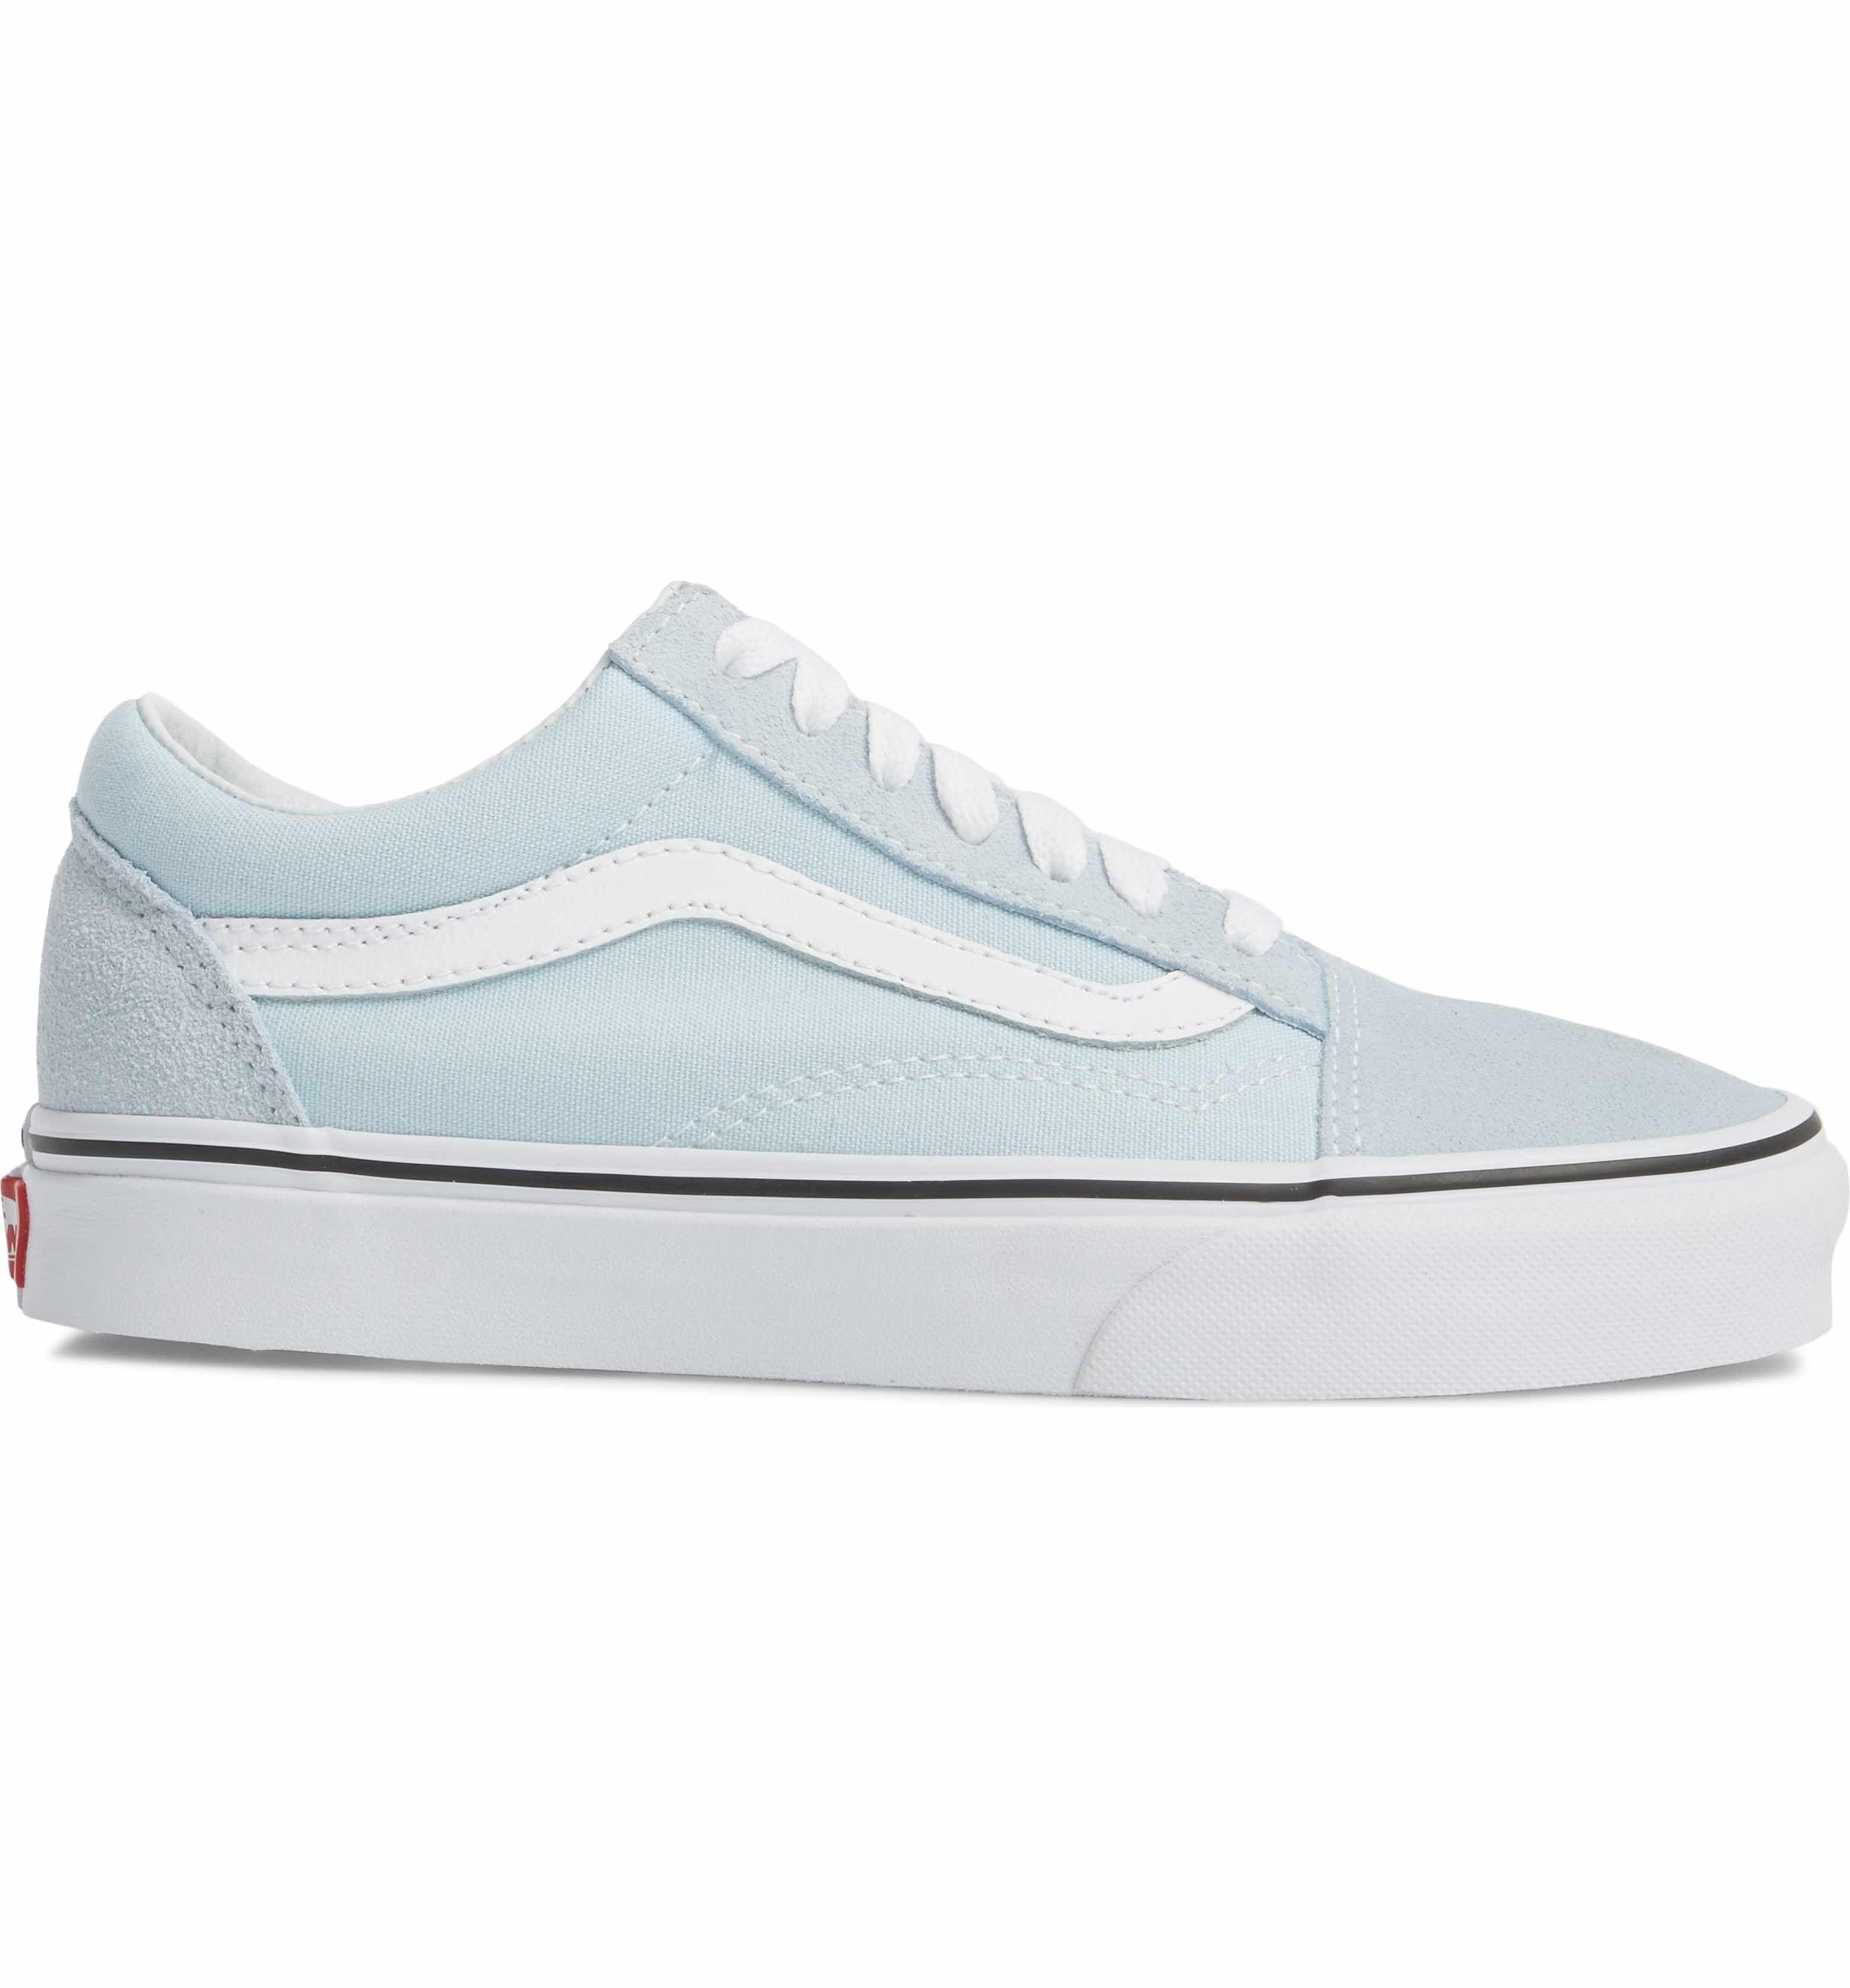 Baby Blue Vans Old Skool Sneaker Women Womens Sneakers Vans Old Skool Sneaker Sneakers